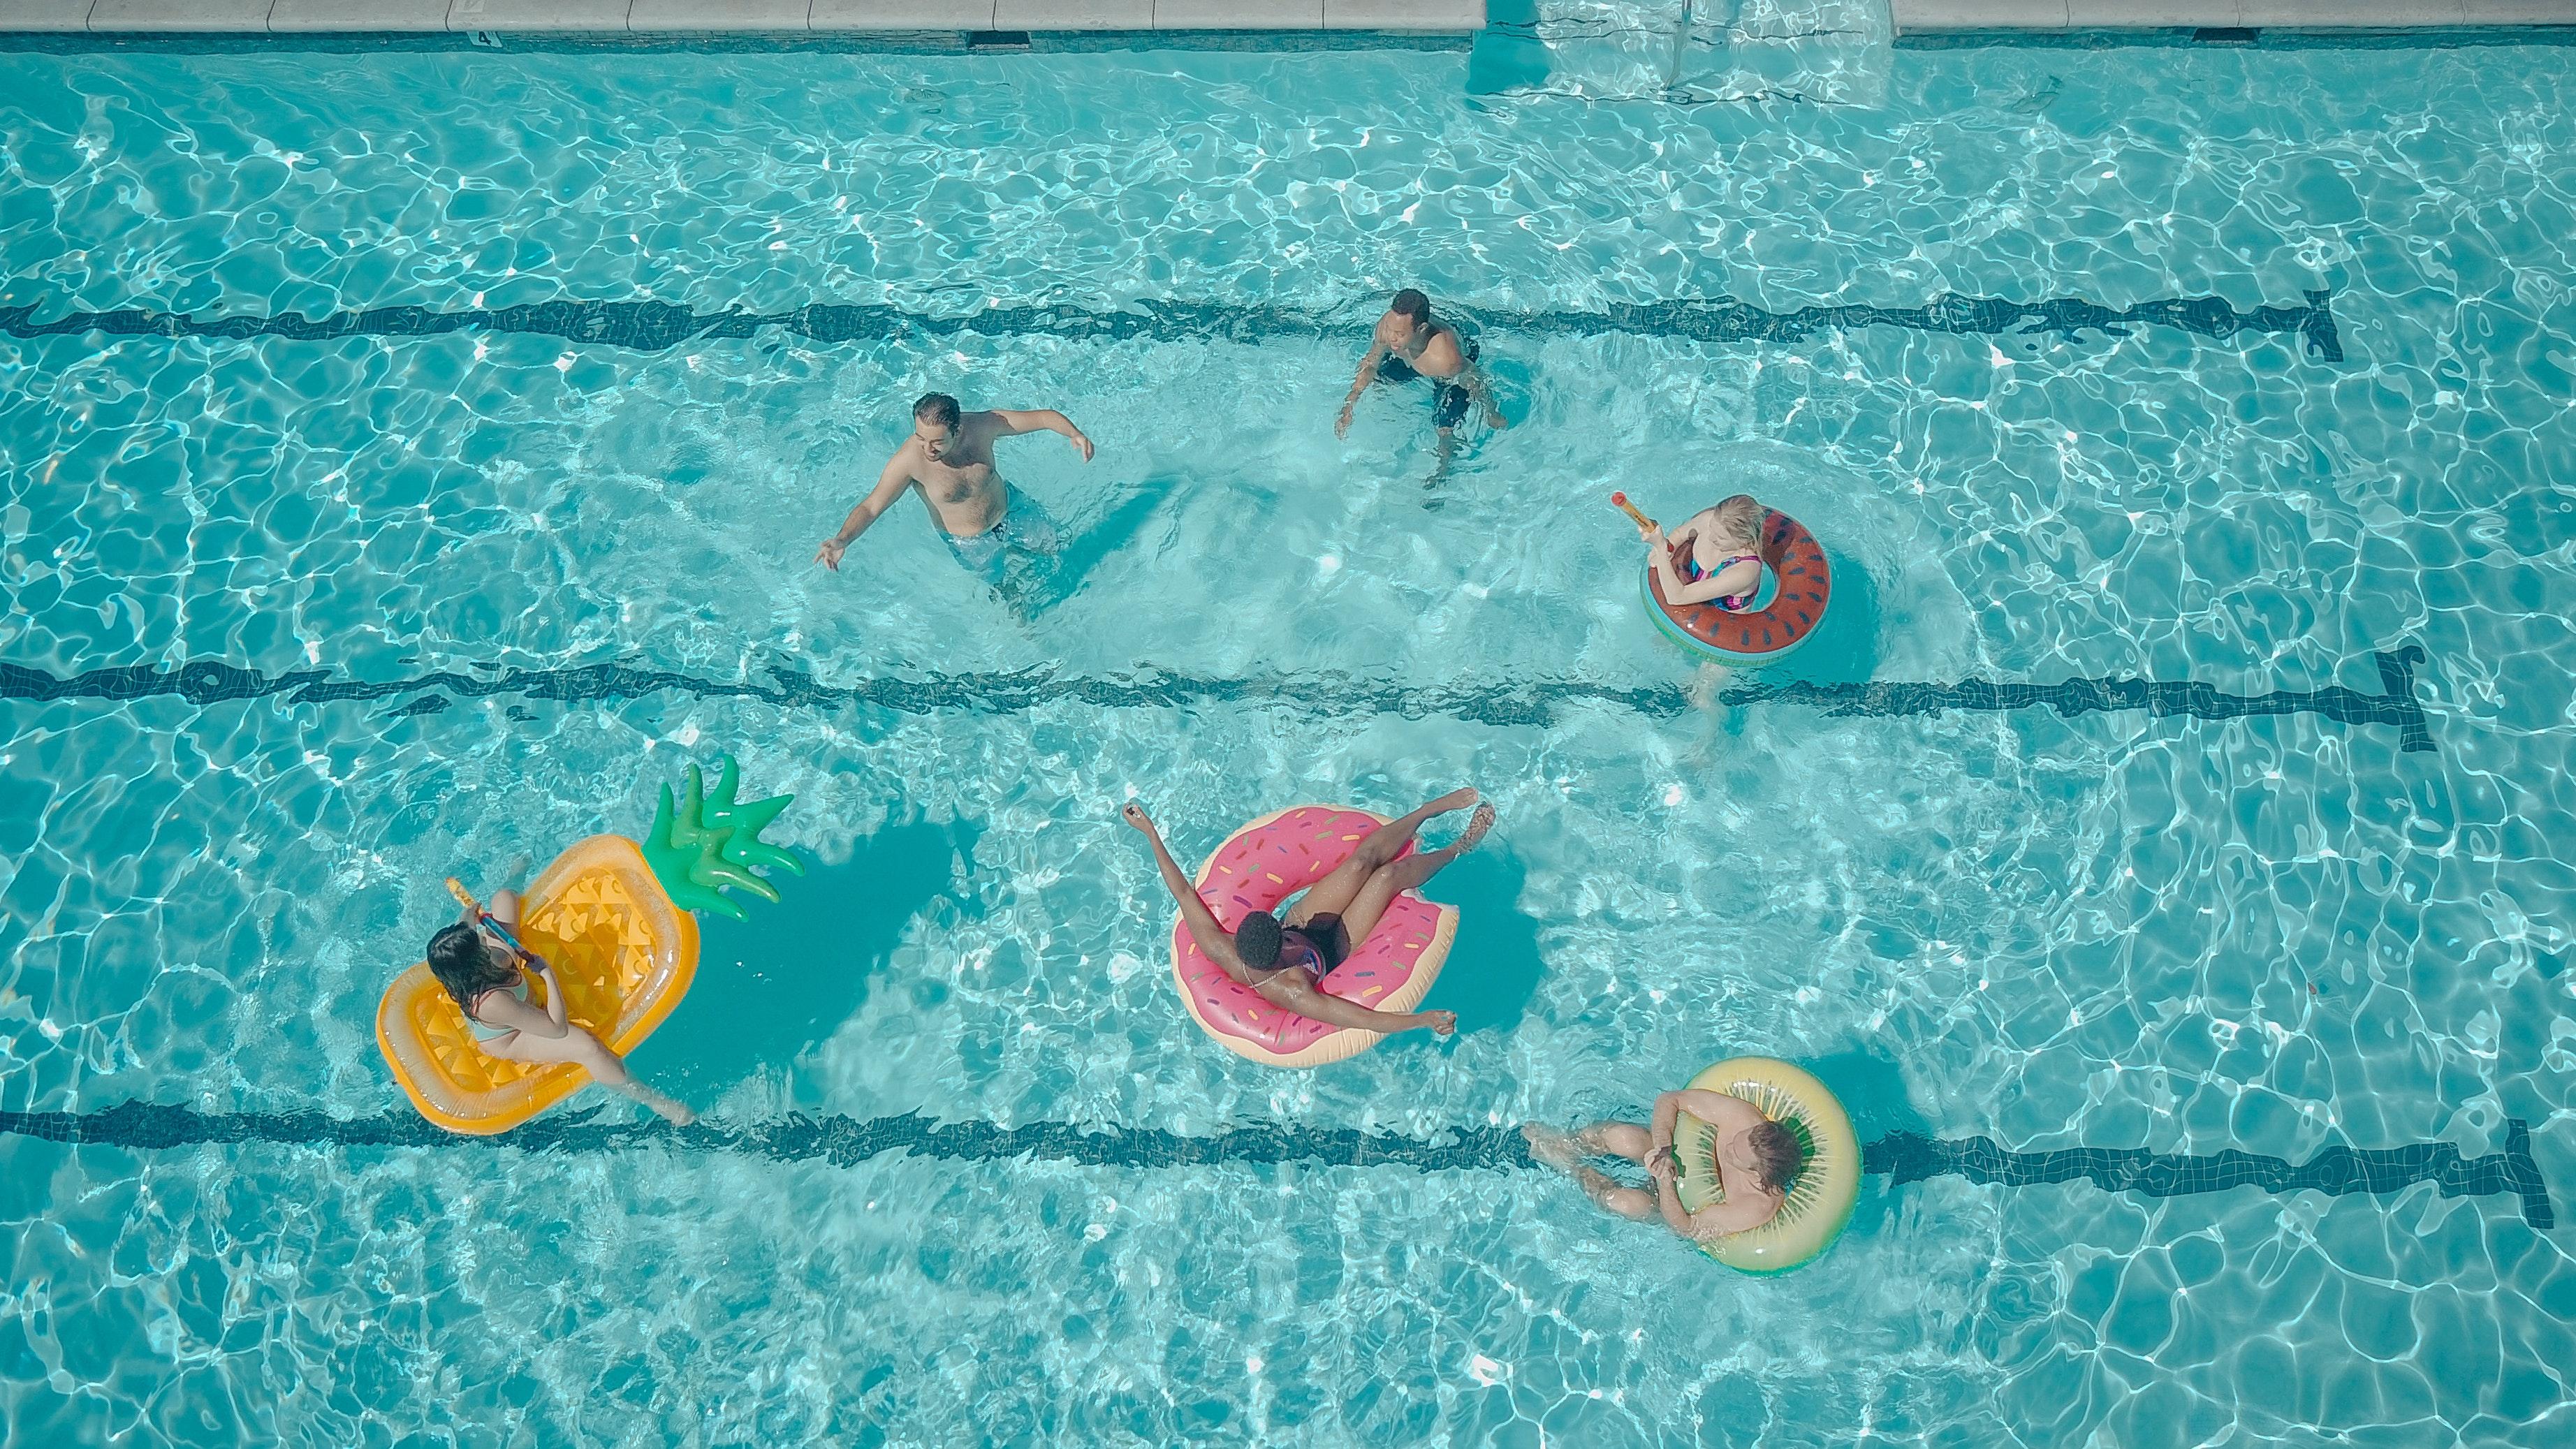 Férias em hotel com piscina fechada por causa da pandemia? E agora?